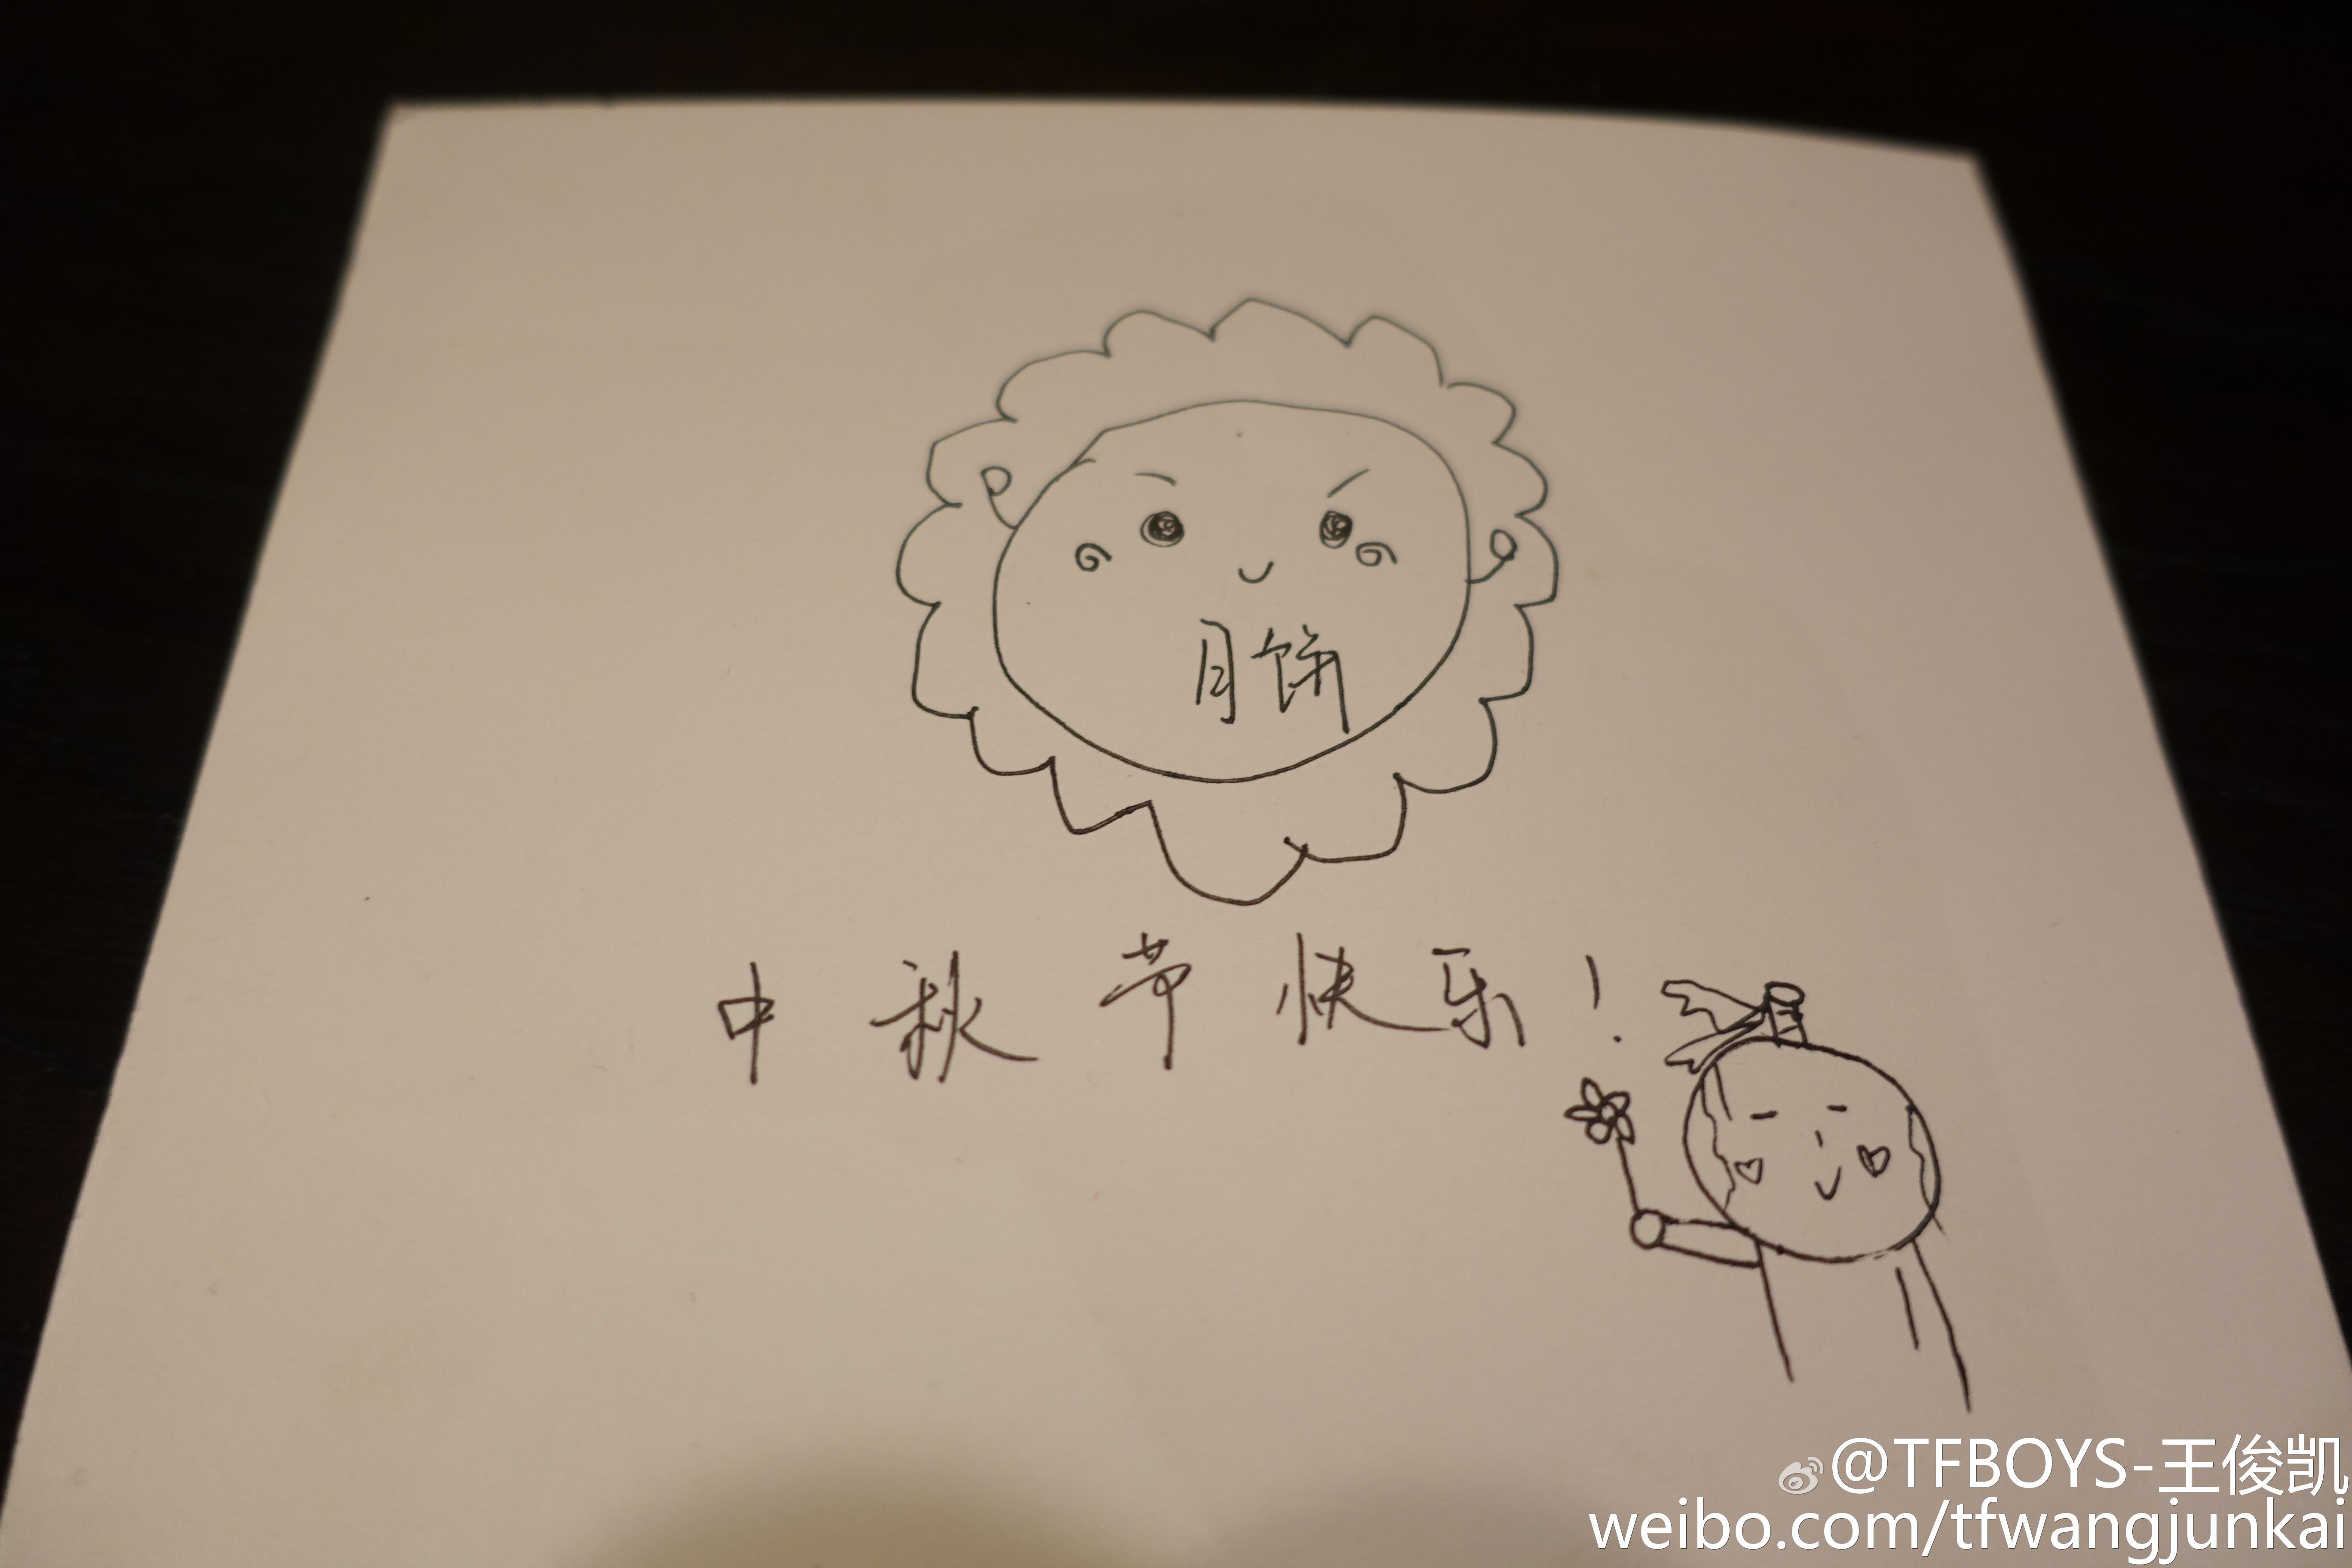 王俊凯画工见长努力的人永远在努力